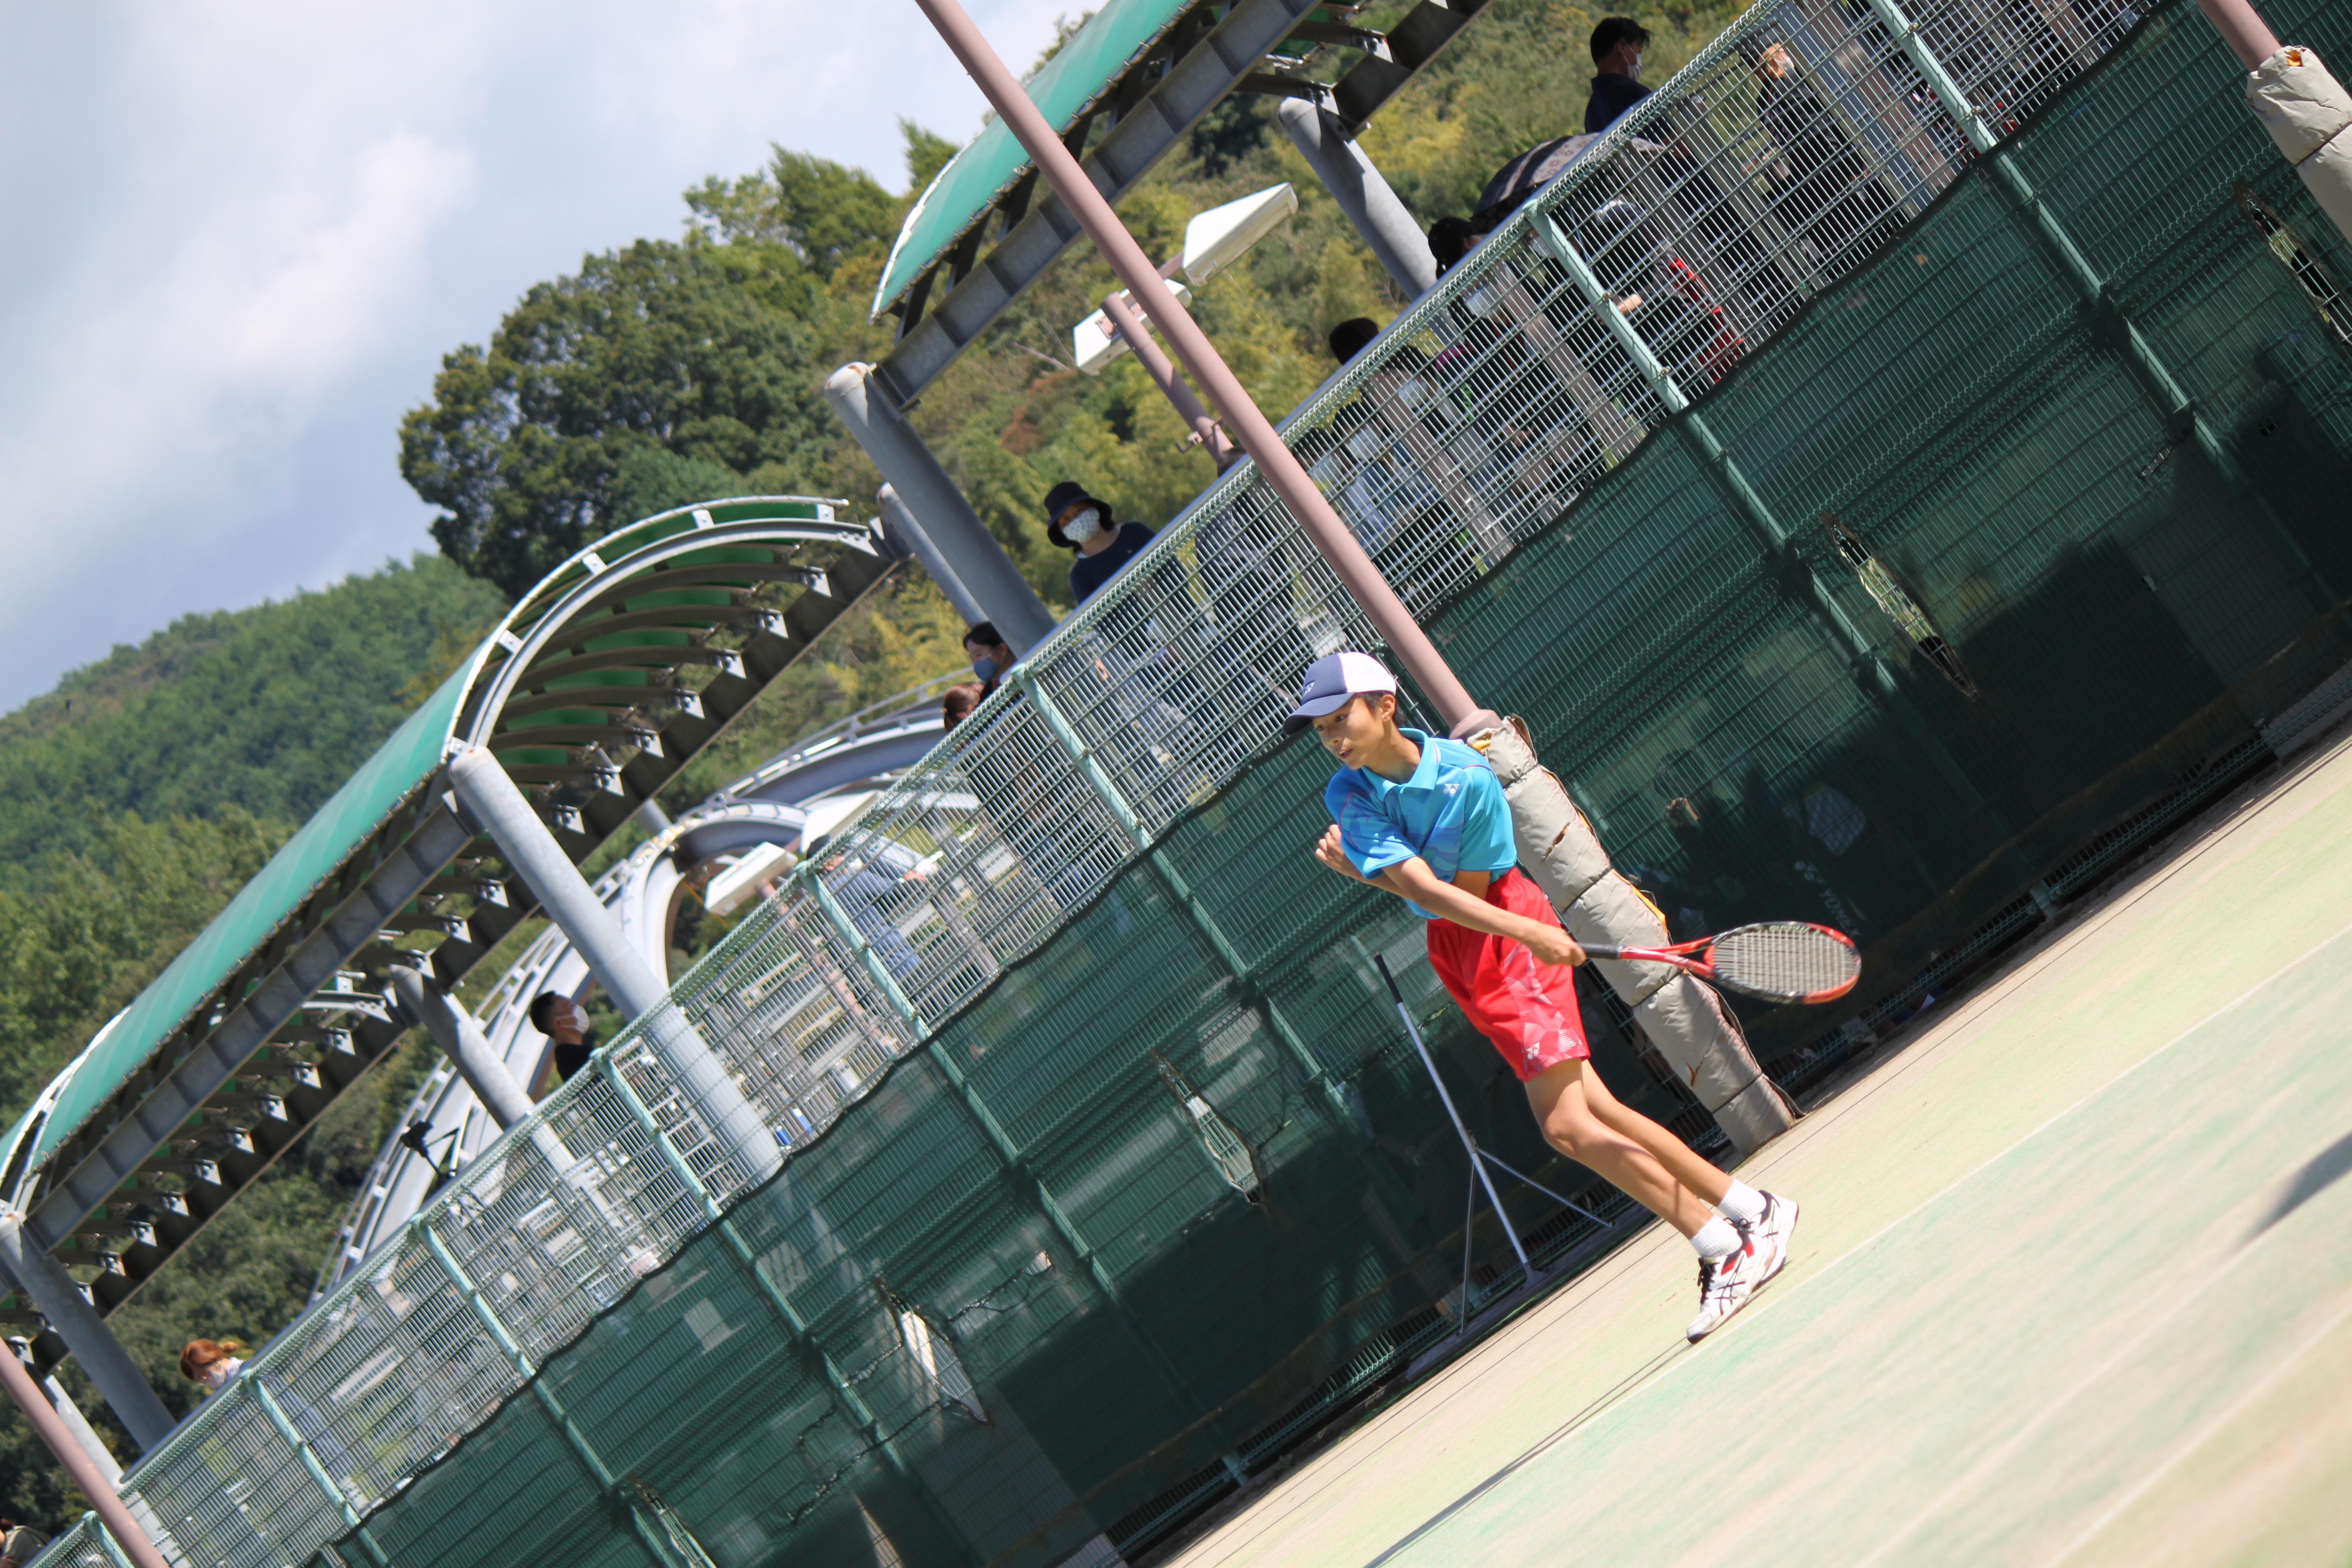 ソフトテニス (654)